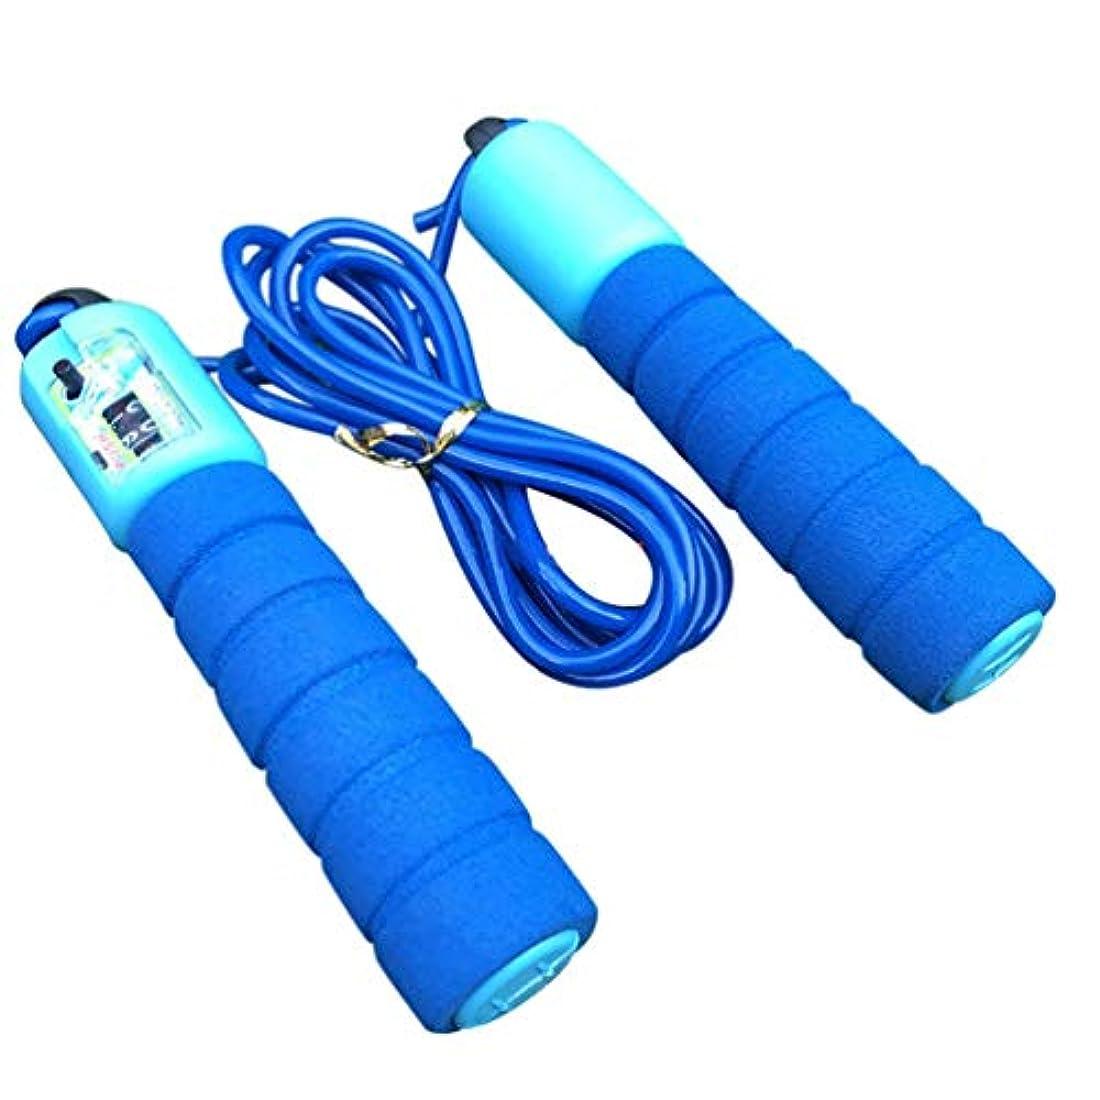 コテージ未就学原始的な調整可能なプロフェッショナルカウント縄跳び自動カウントジャンプロープフィットネス運動高速カウントジャンプロープ - 青